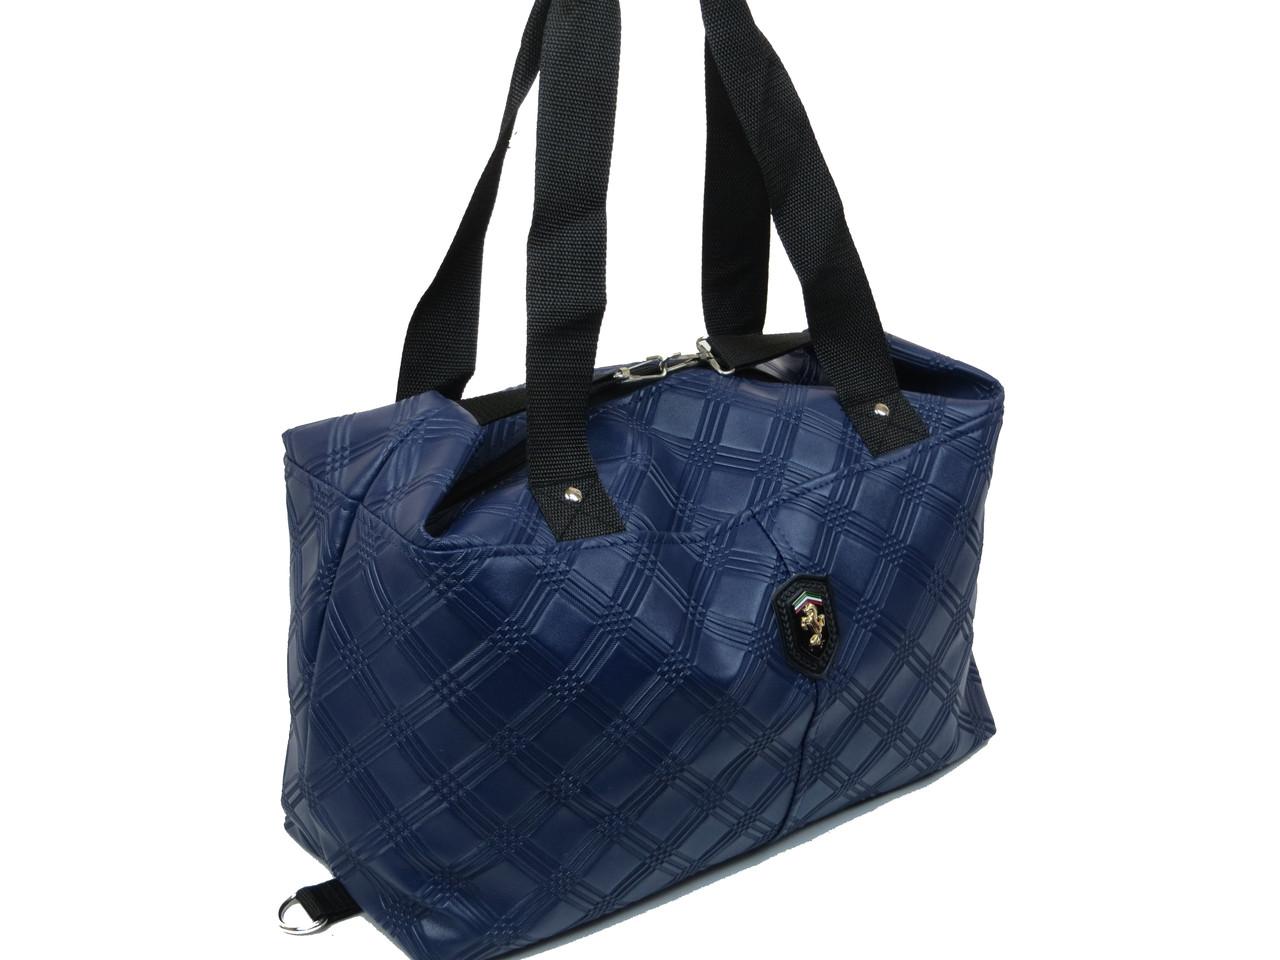 73863a502c1c Женская сумка из эко кожи Wallaby 57157 синий - SUPERSUMKA интернет магазин  в Киеве